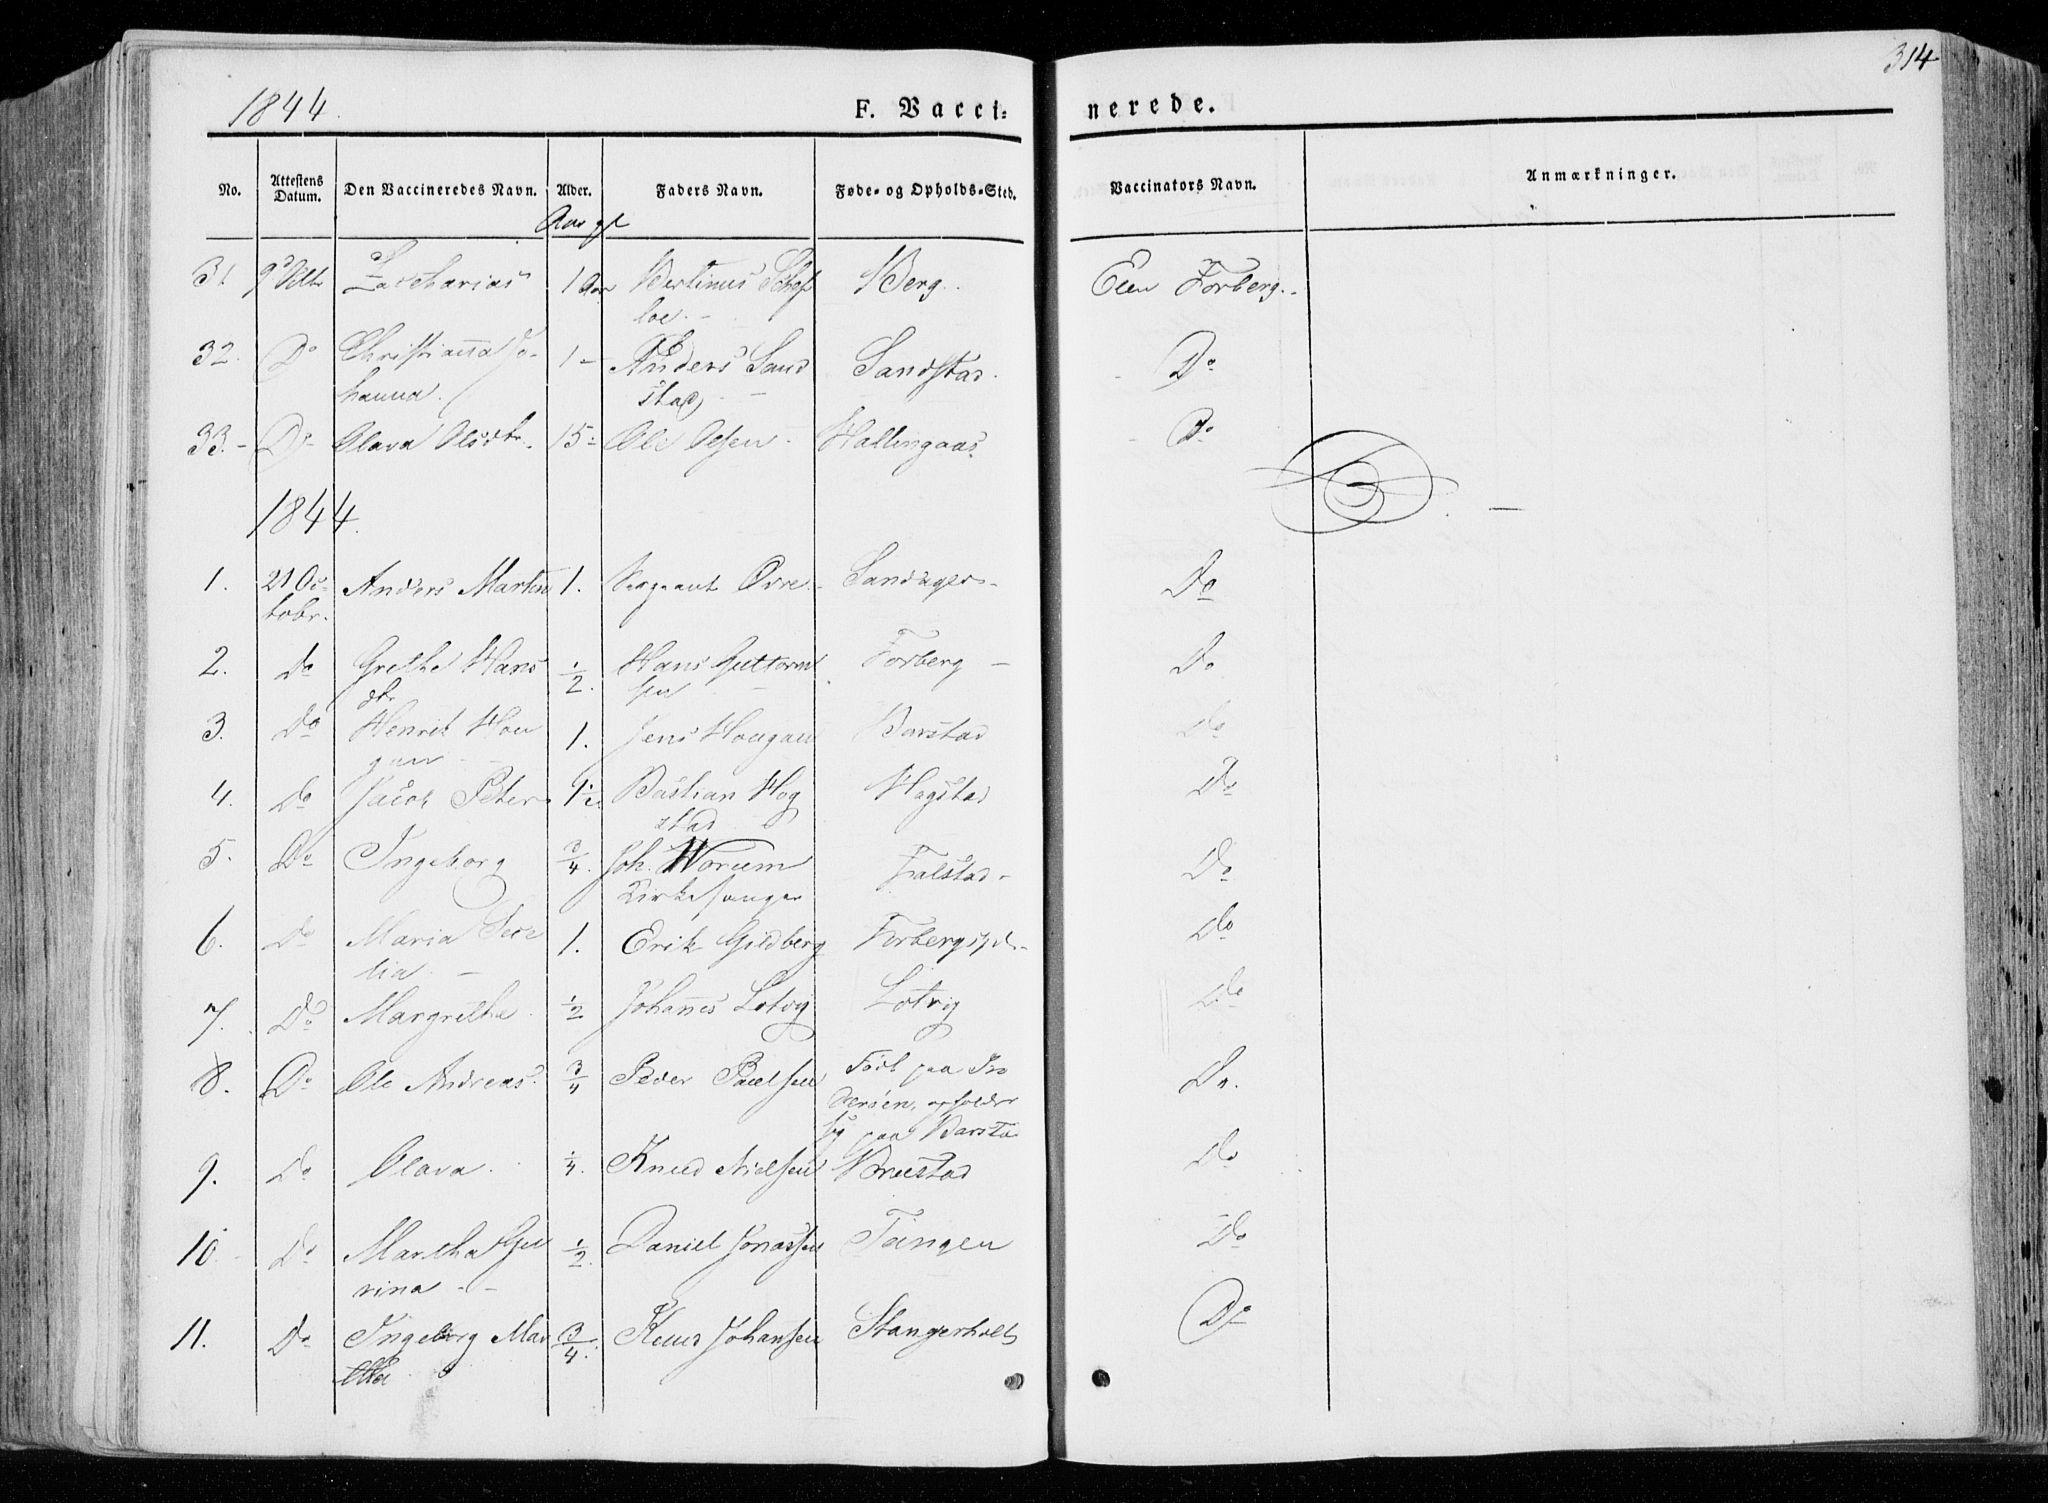 SAT, Ministerialprotokoller, klokkerbøker og fødselsregistre - Nord-Trøndelag, 722/L0218: Ministerialbok nr. 722A05, 1843-1868, s. 314